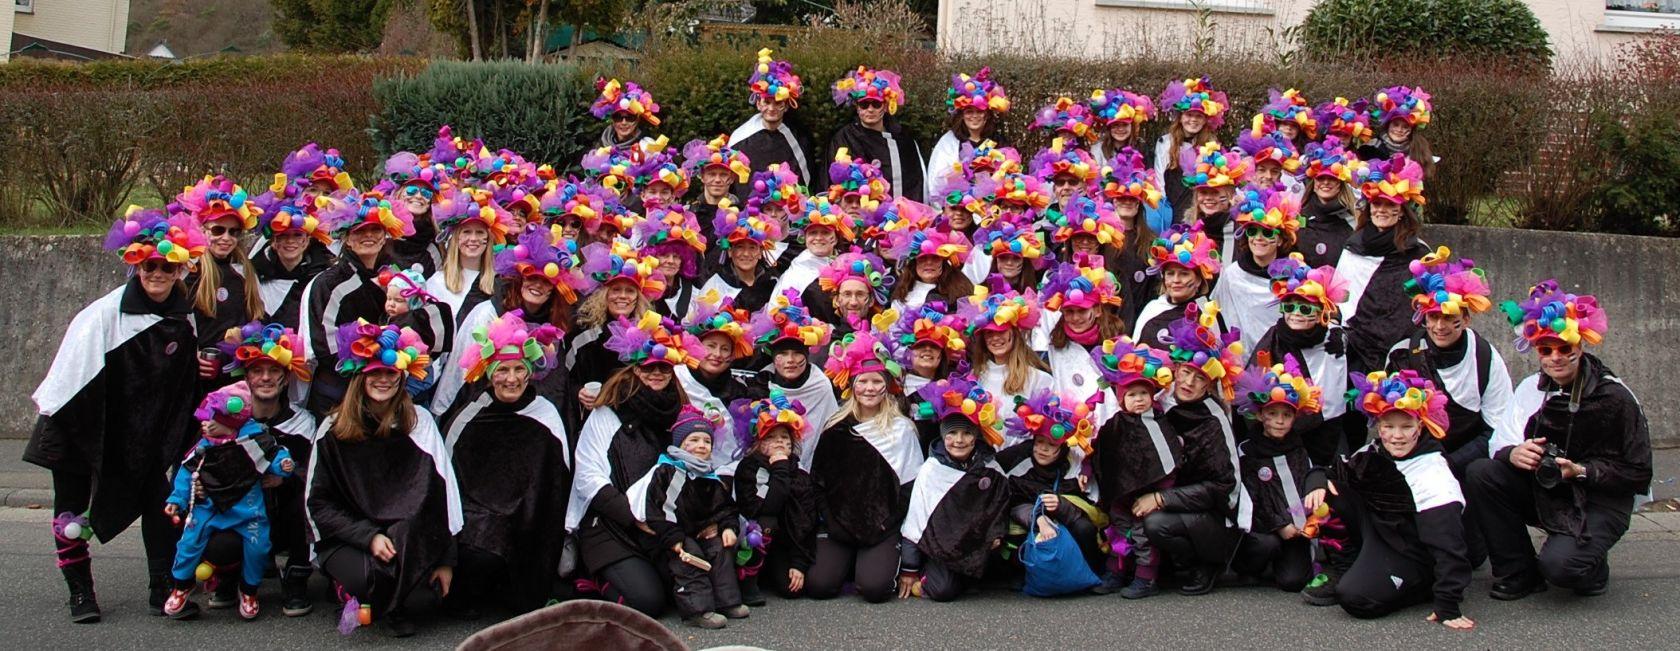 Abteilung Karneval TSG Münster